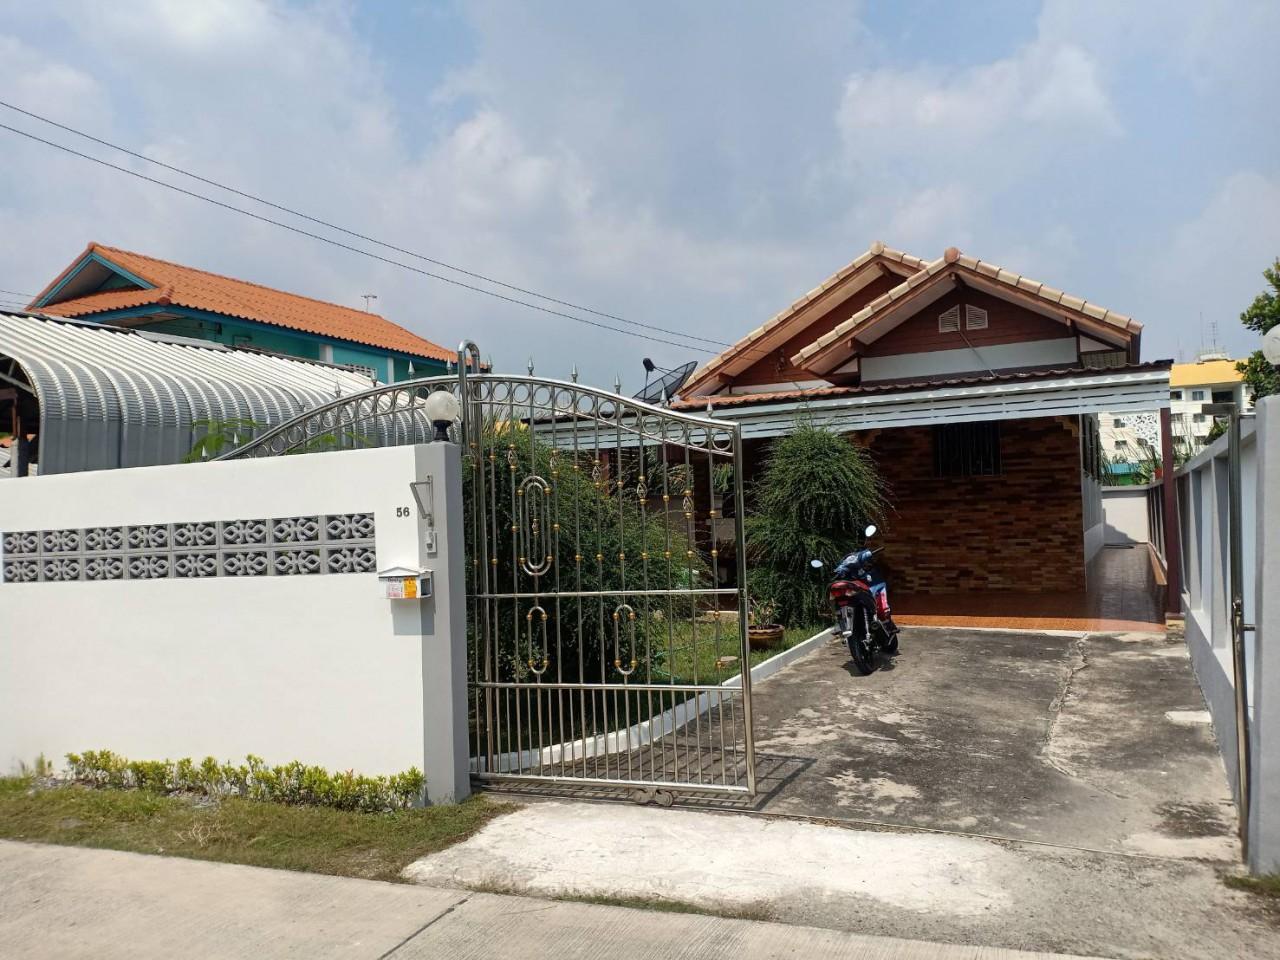 บ้านเดี่ยว ธีรวรรณ พระยาสุเรนทร์ 4 รามอินทรา คลองสามวา กรุงเทพมหานคร -  คลังบ้าน.com